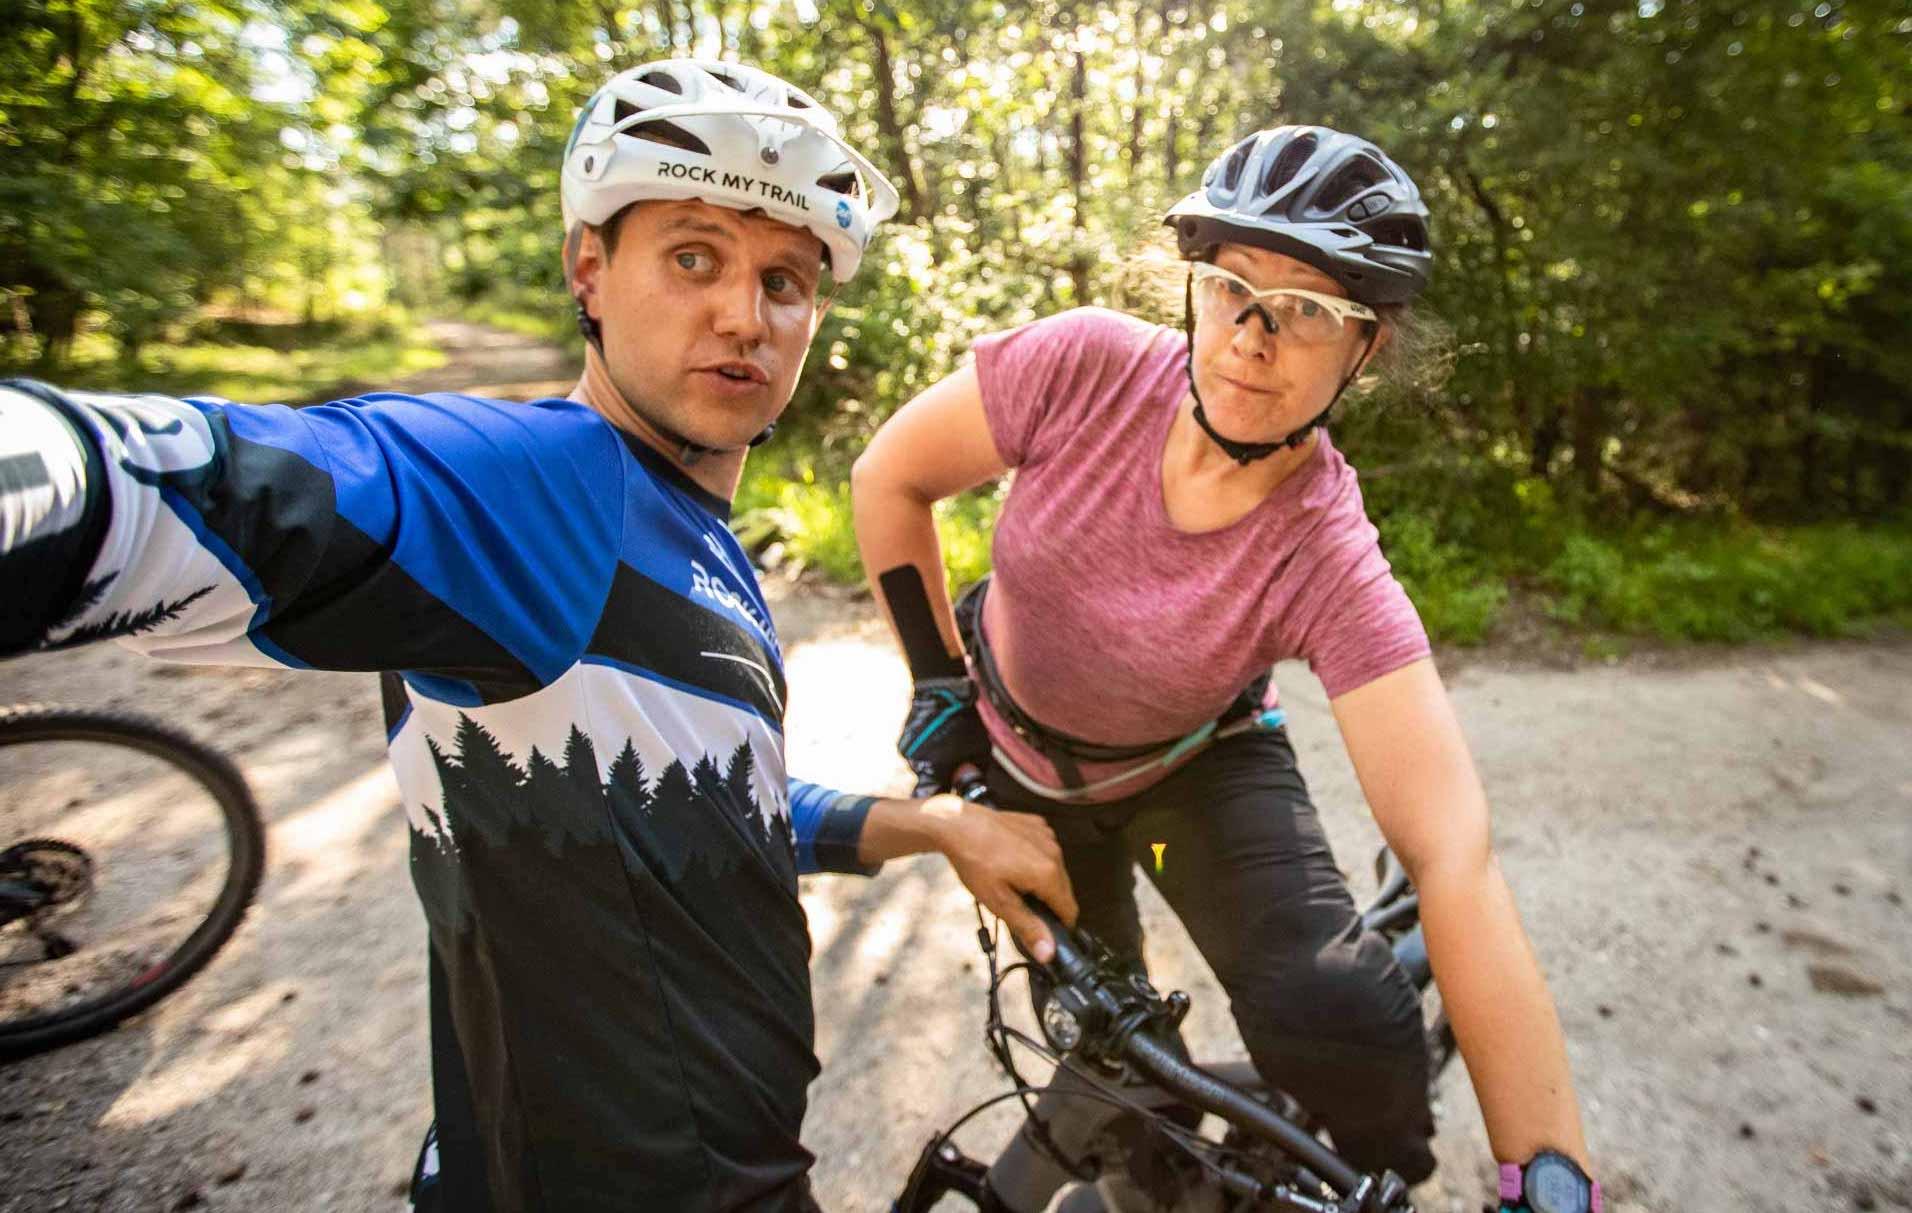 MTB Fahrtechnik Kurs für Einsteiger in Siegburg   Bonn - Mountainbike Basic - Rock my Trail Bikeschule - 24